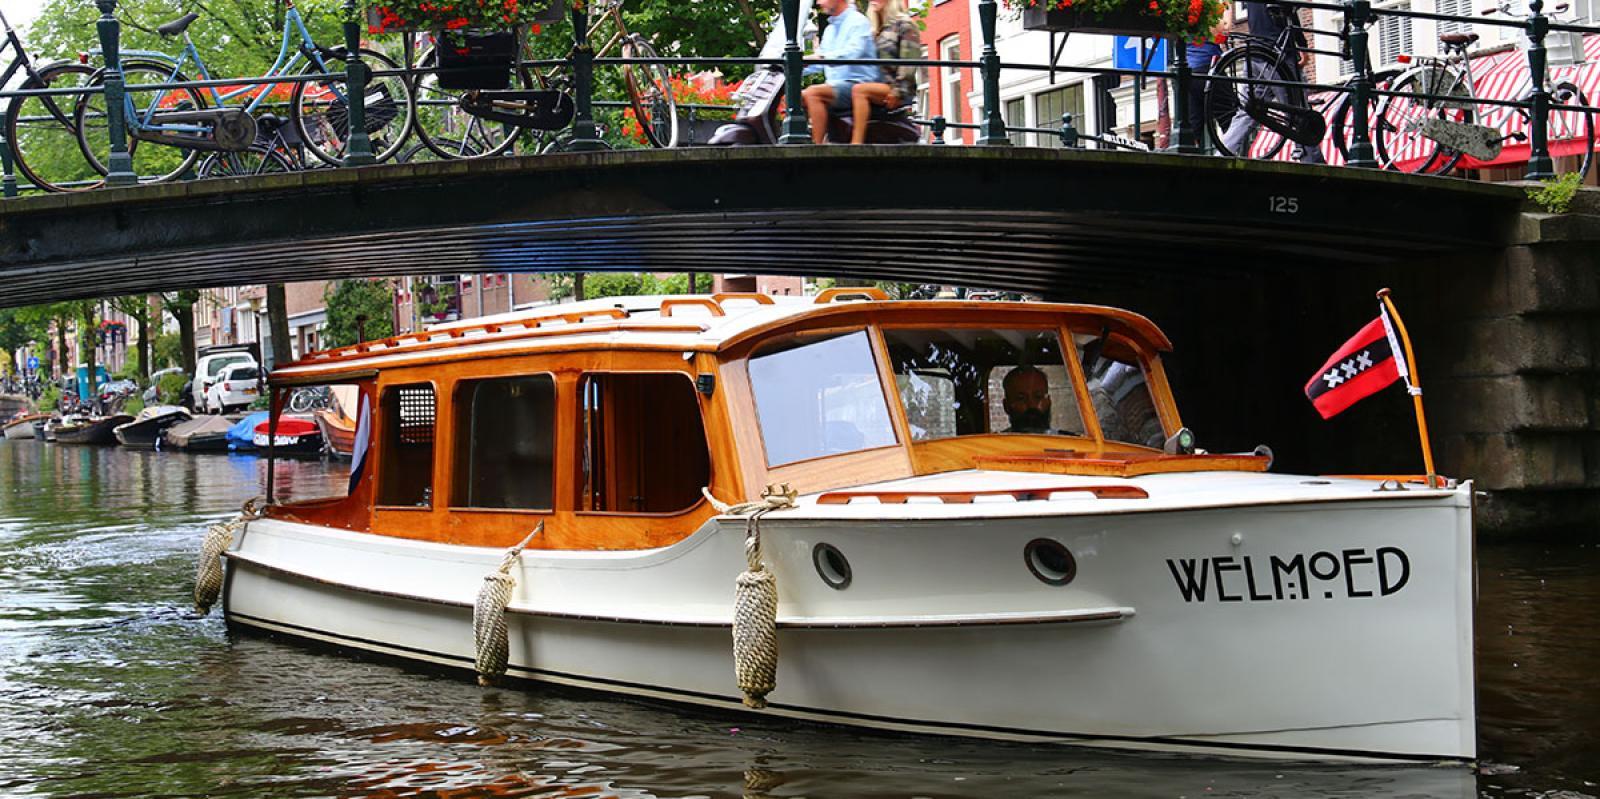 Welmoed Private Boat Amsterdam